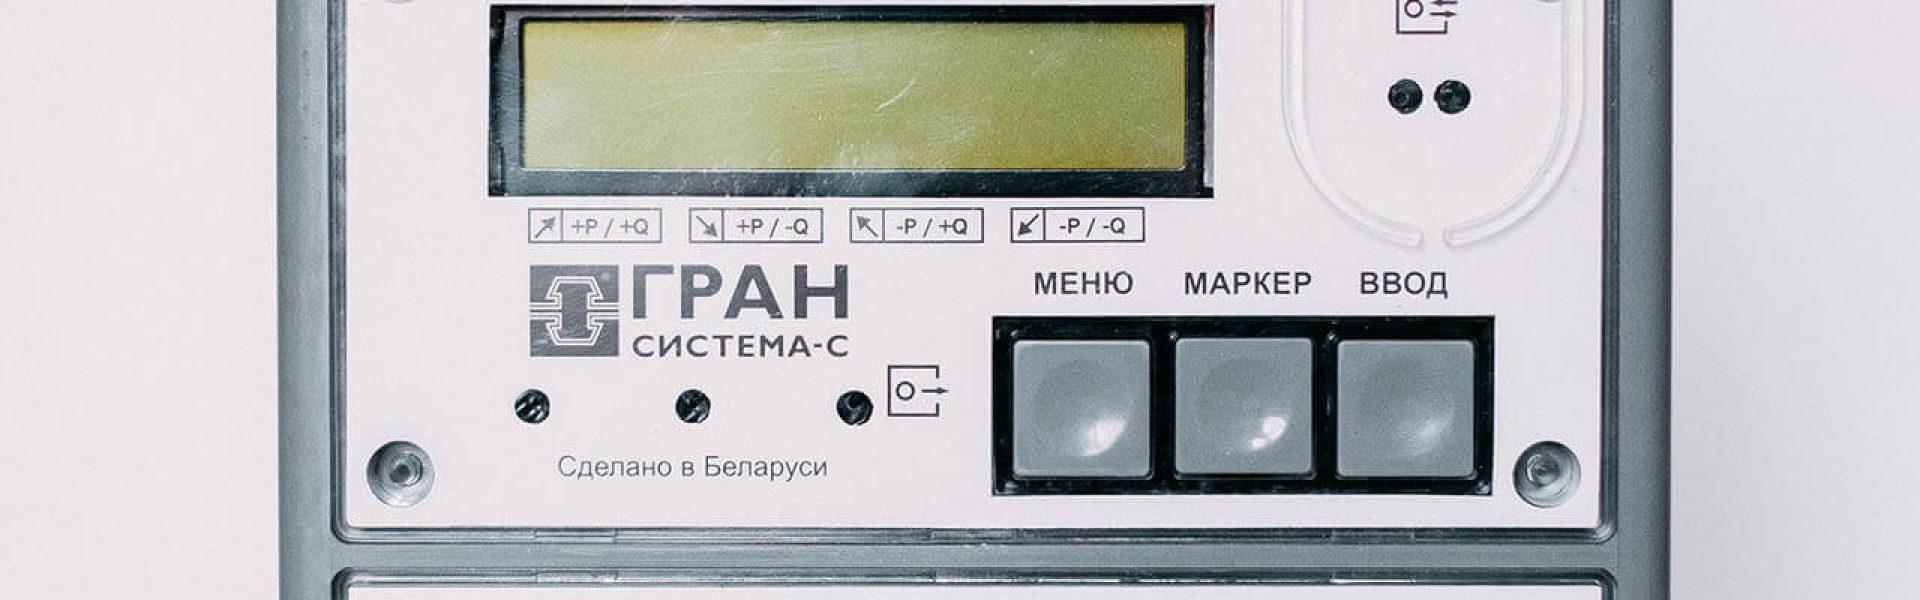 DSCF8943